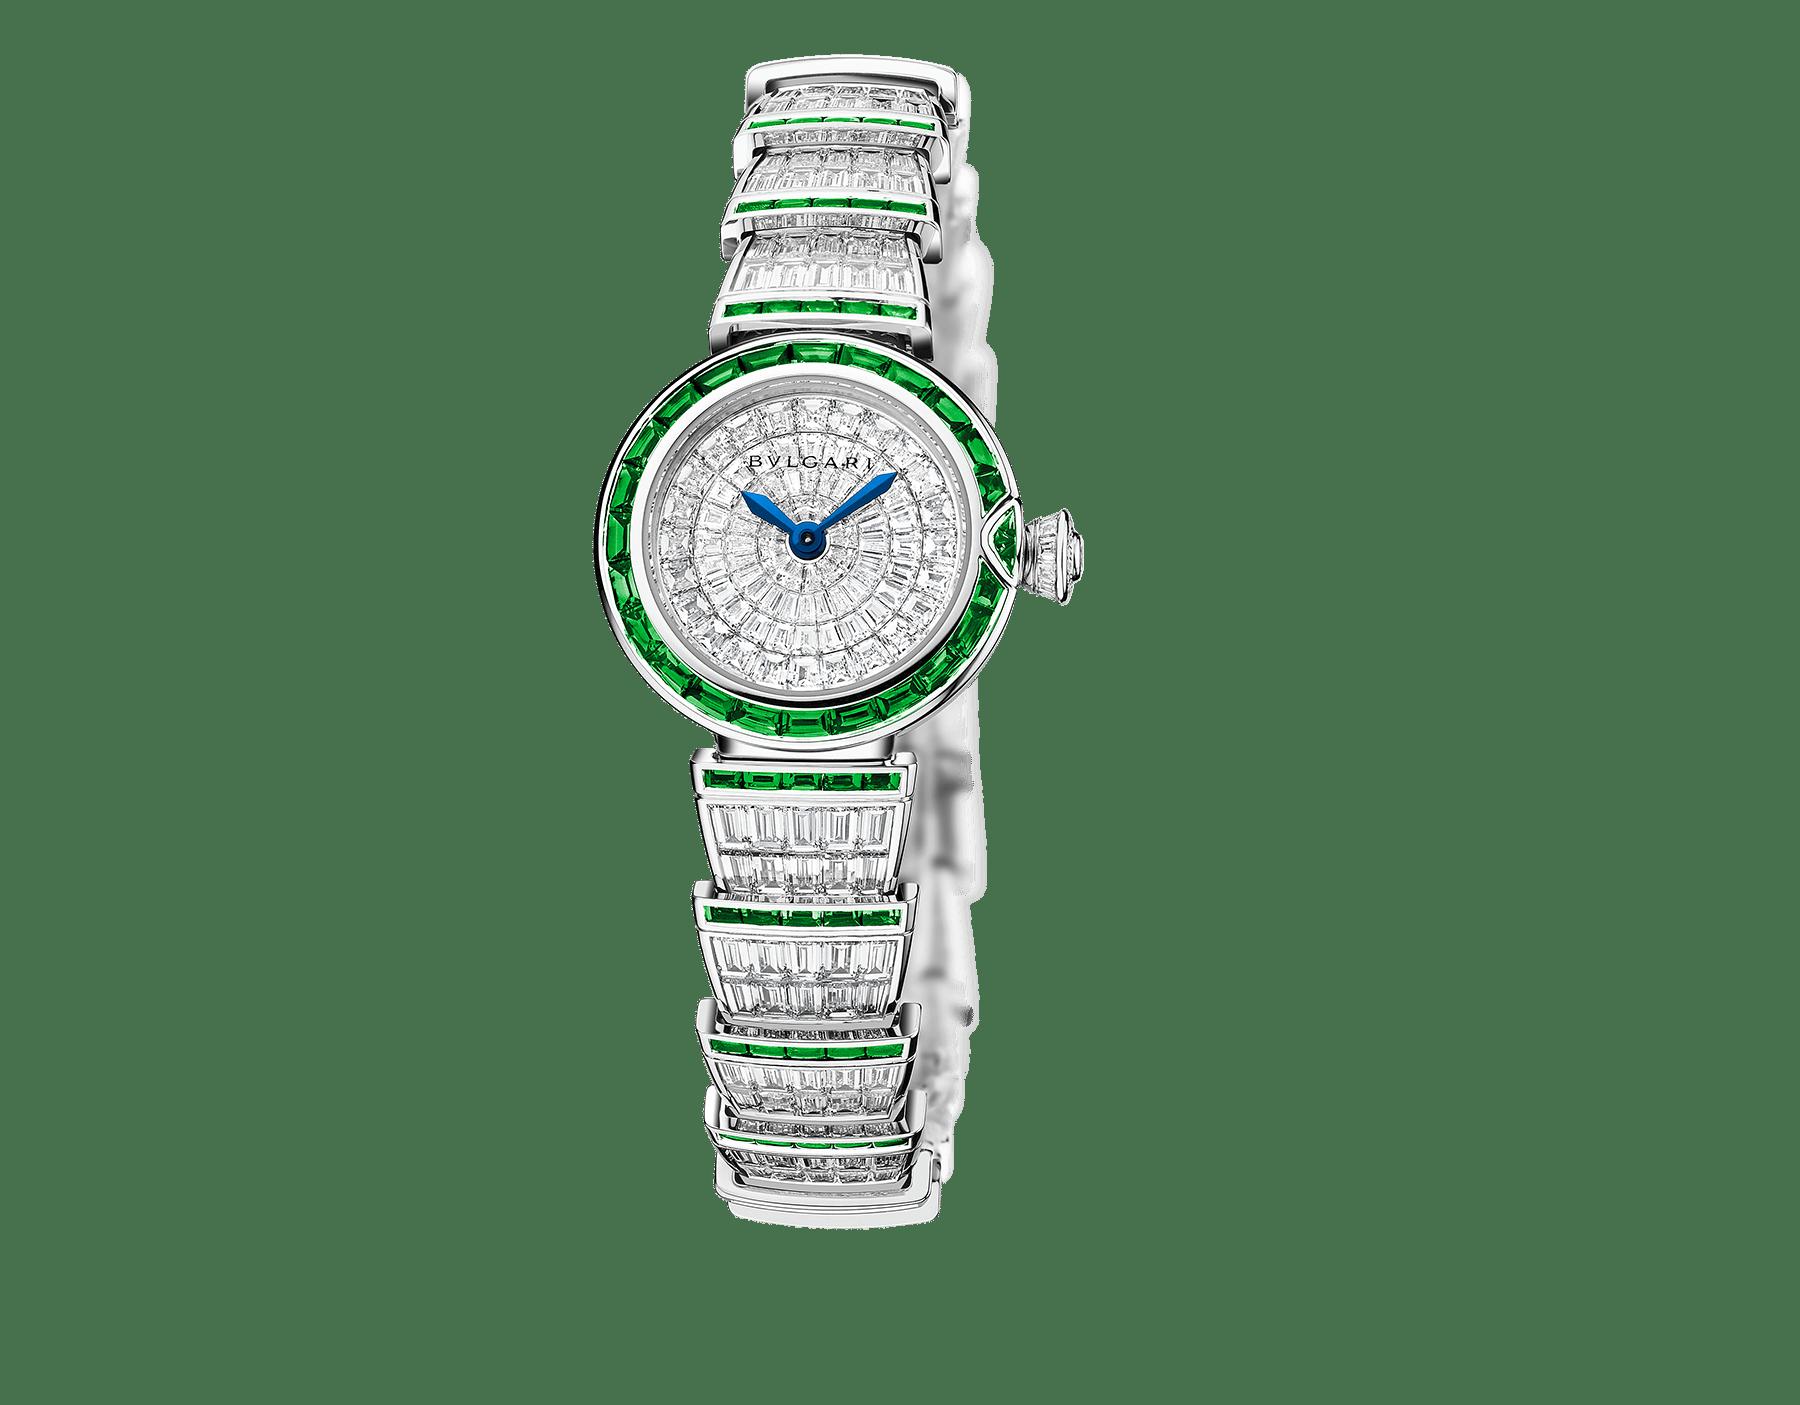 Orologio LVCEA con cassa e bracciale in oro bianco 18 kt con diamanti taglio baguette e smeraldi, quadrante con diamanti. 102466 image 1